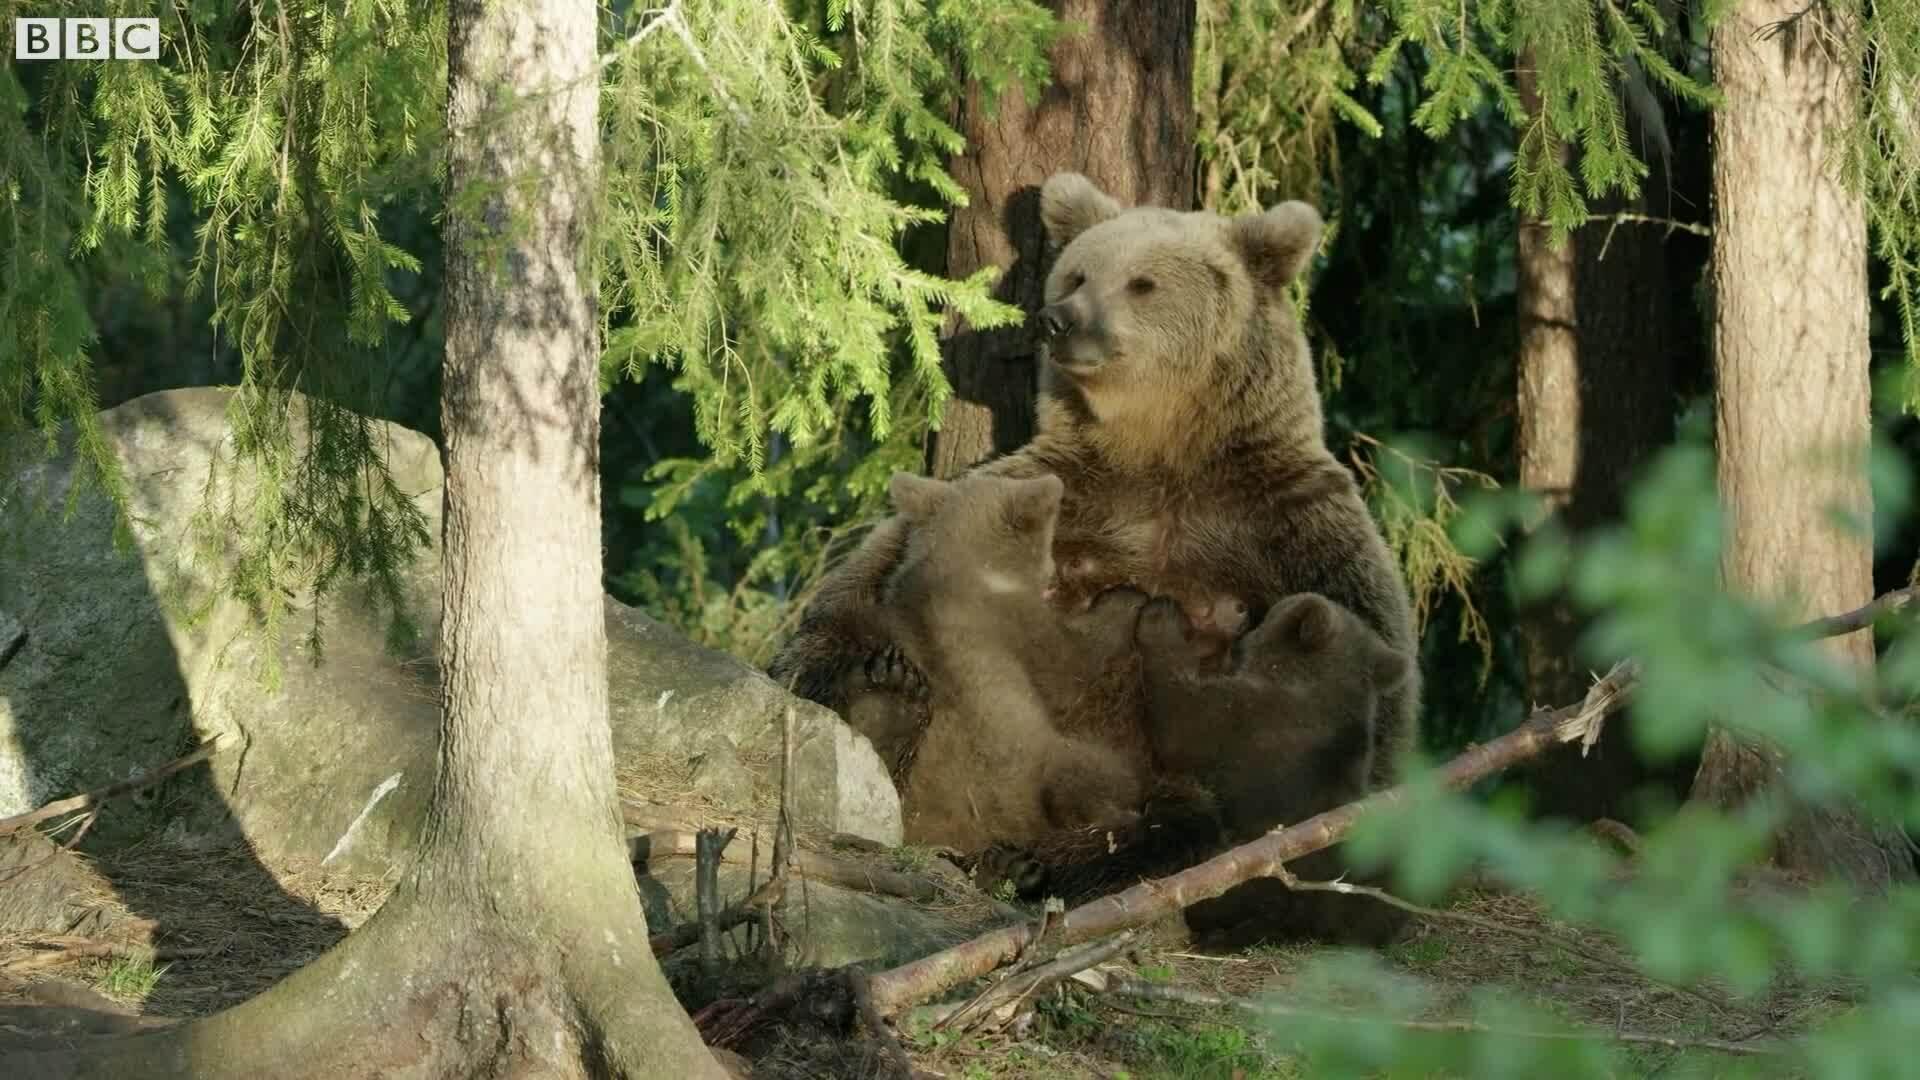 Gấu con tinh nghịch chơi đùa trước ống kính máy quay